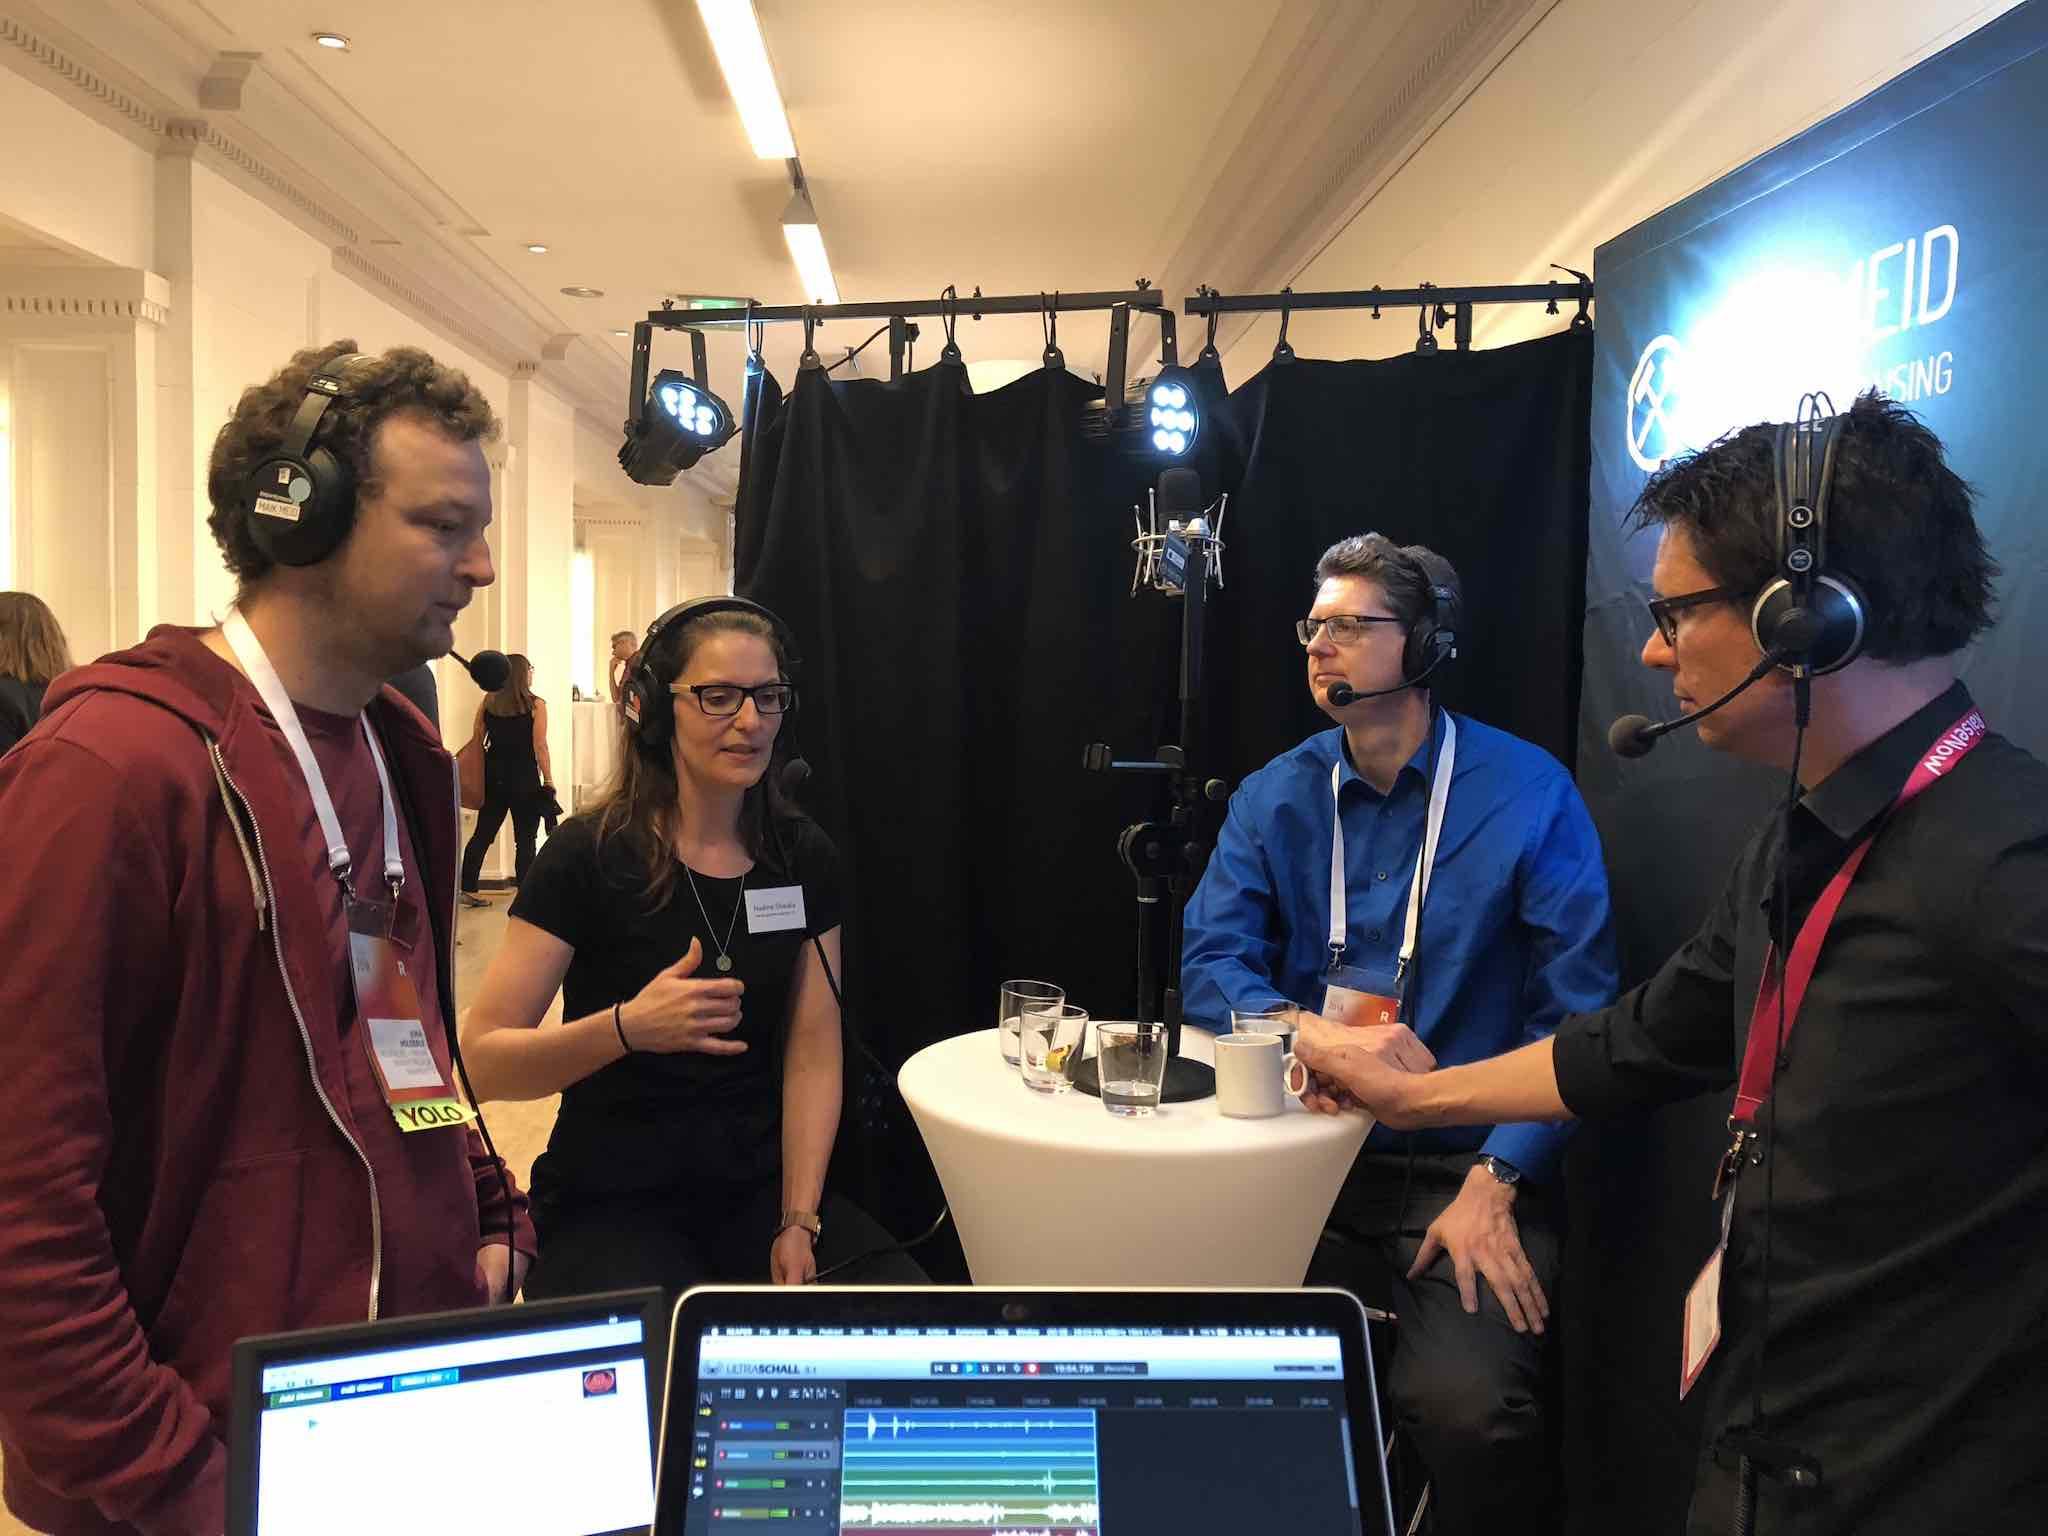 Jona, Nadine Shalala, Andreas und Jan beim Talken zu digitalem Großspenden-Fundraising.